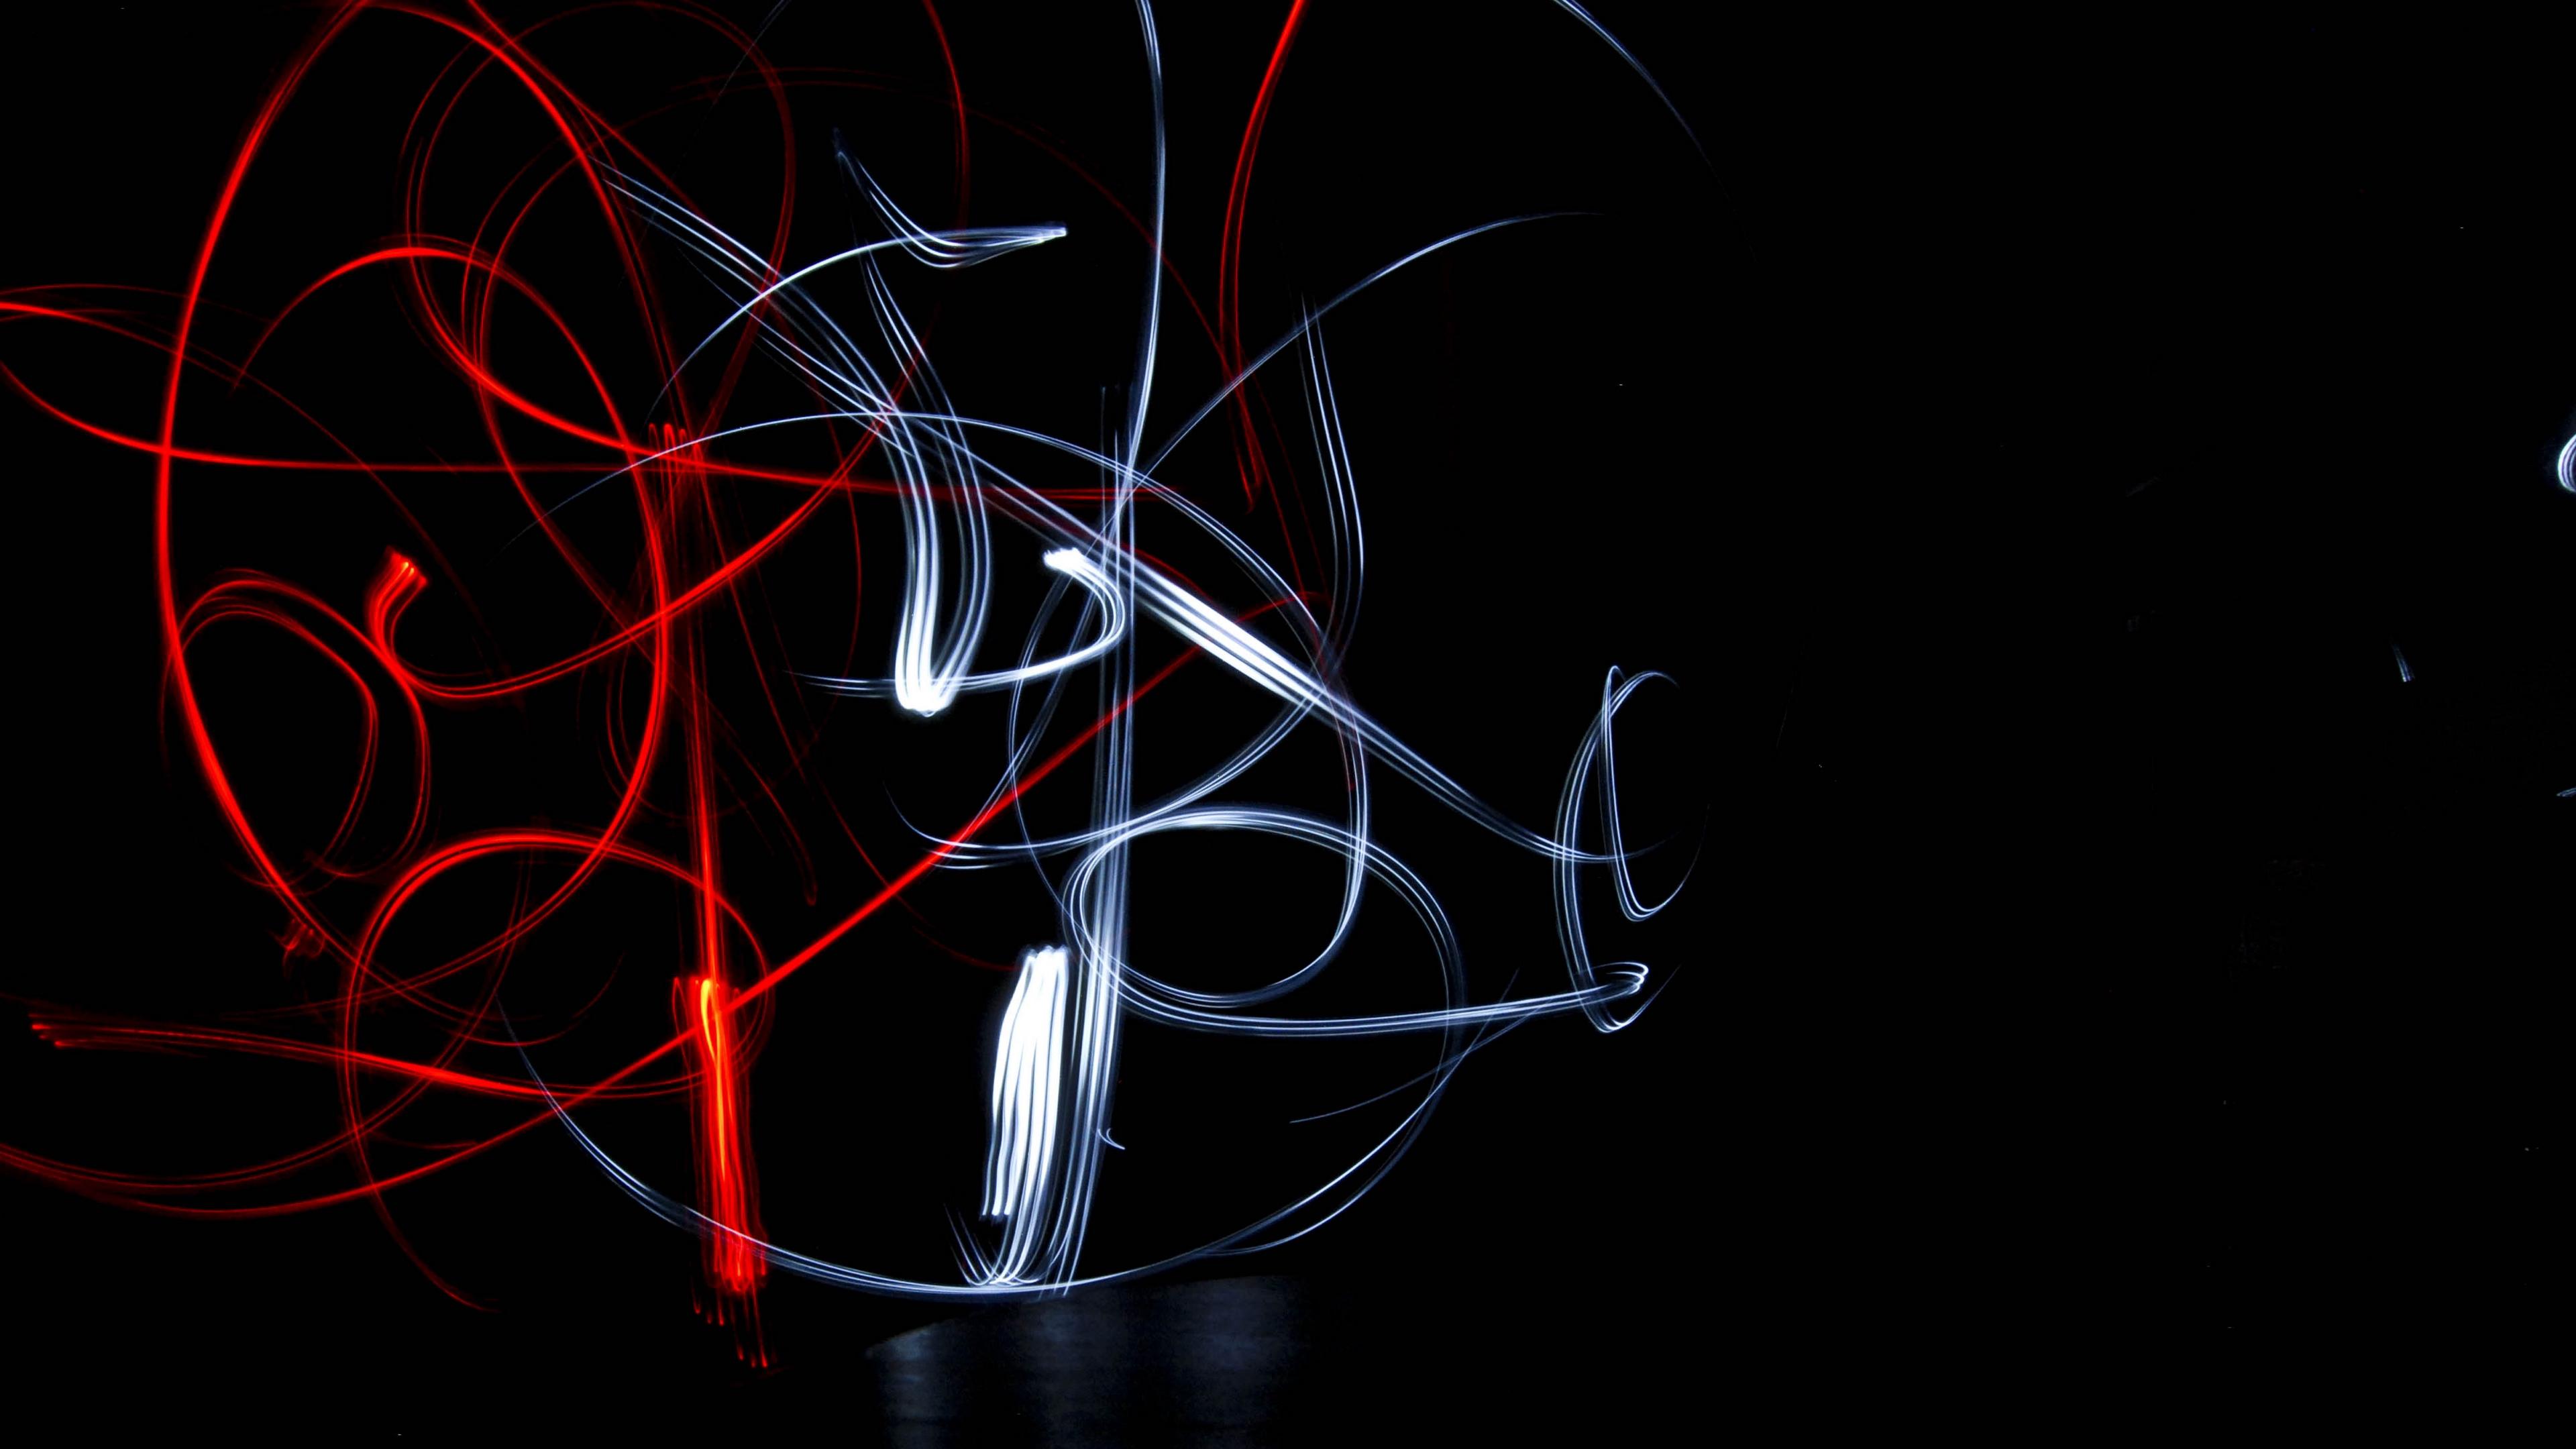 light art lines plexus dark 4k 1540576013 - light art, lines, plexus, dark 4k - plexus, Lines, light art